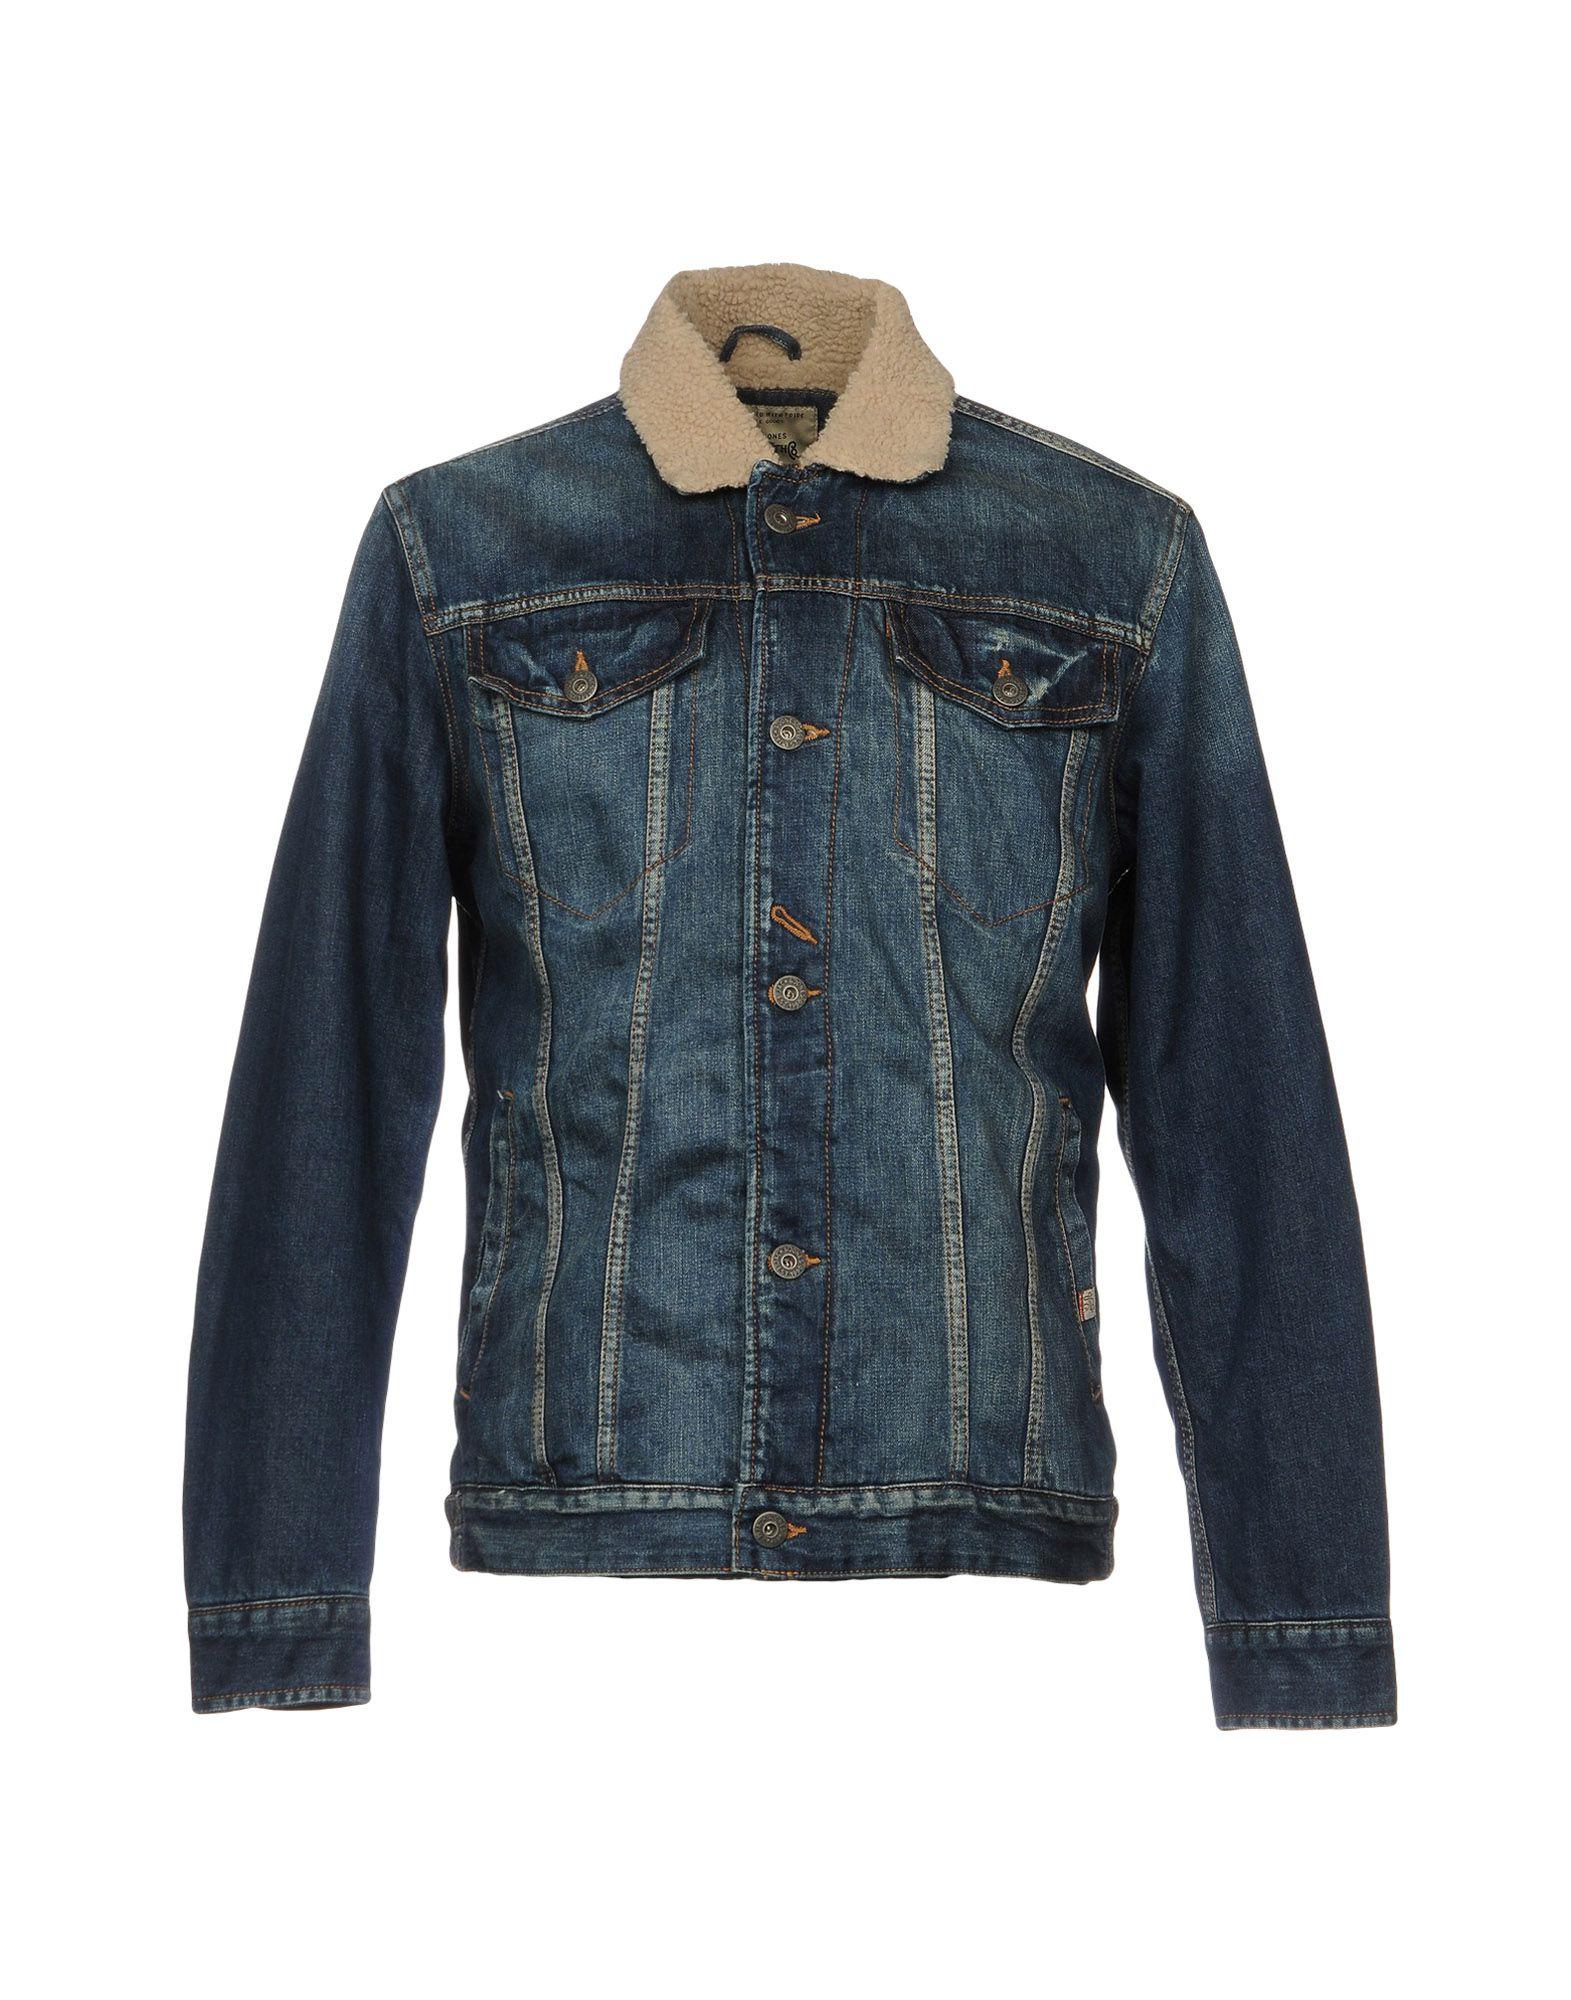 JACK & JONES Джинсовая верхняя одежда рубашка джинсовая jack